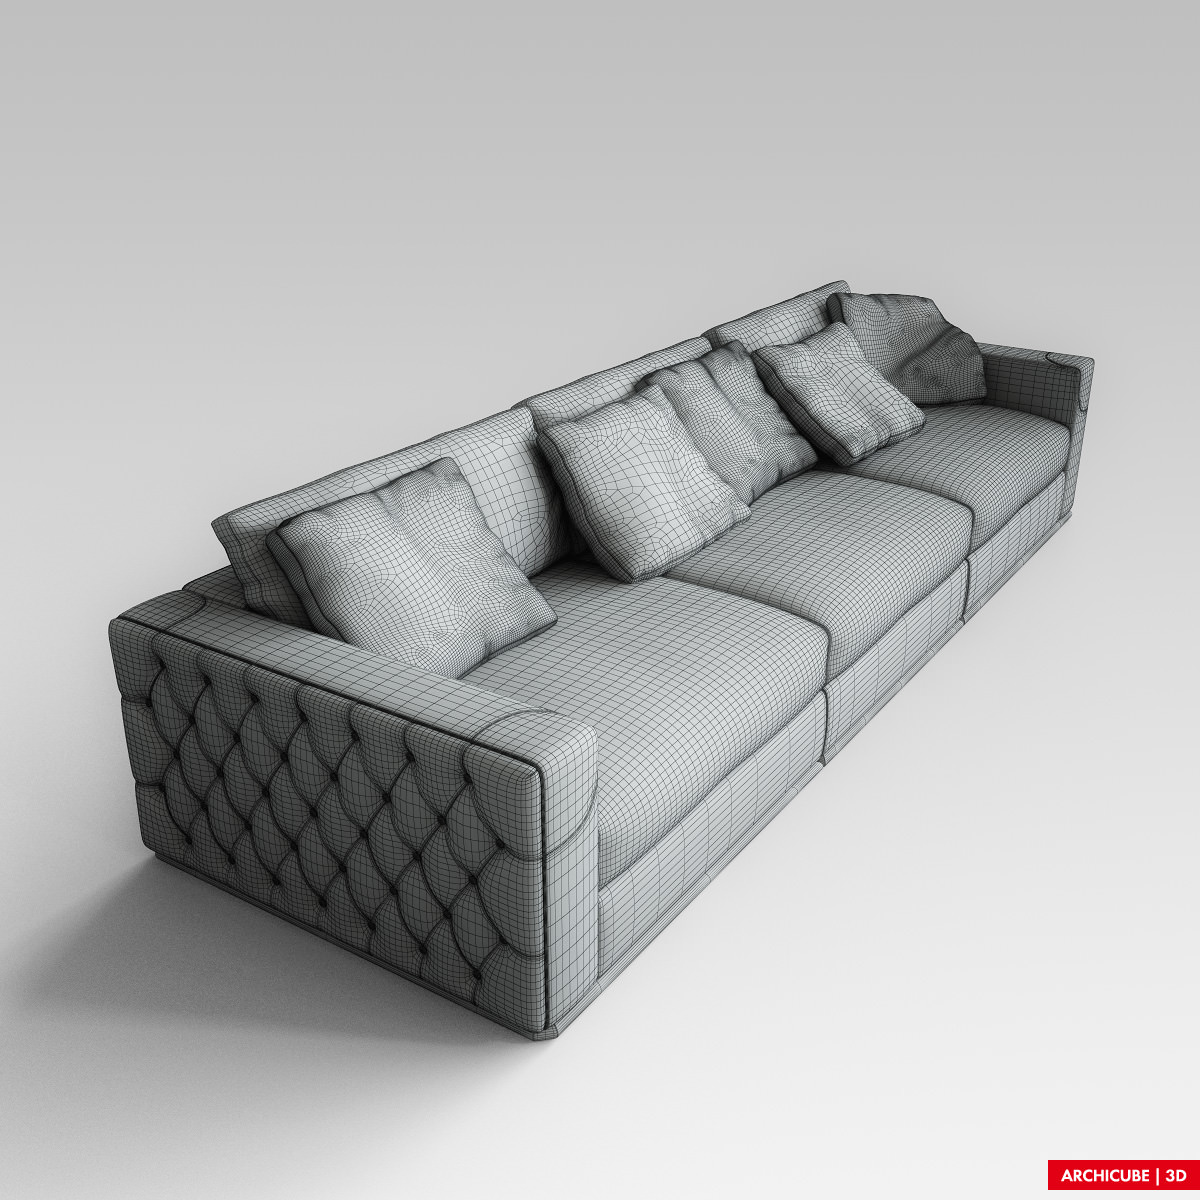 fendi sofa 3d model max obj fbx - Fendi Sofa